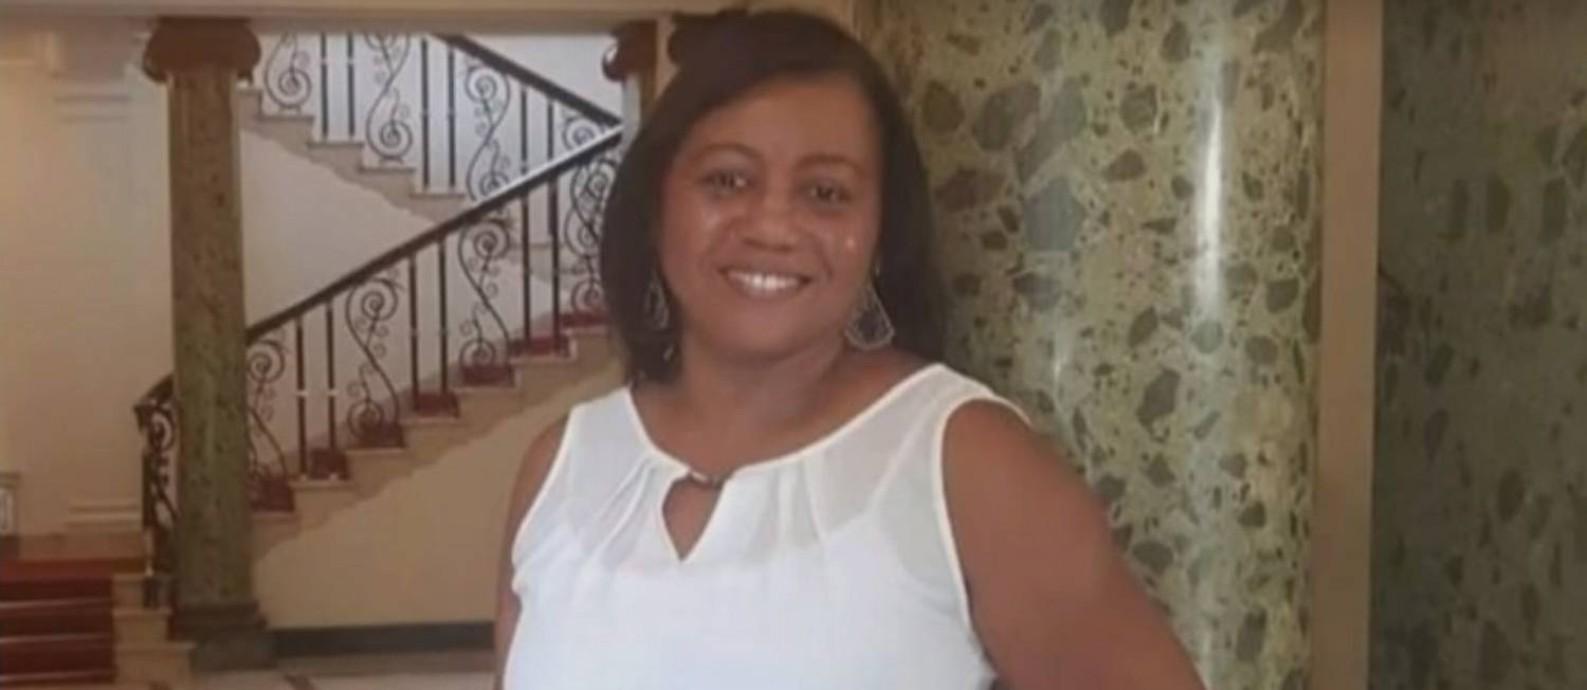 """O prefeito sobre Márcia Rosa Nunes: """"Se os irmãos tiverem problemas, falem com a Márcia"""" Foto: Reprodução"""